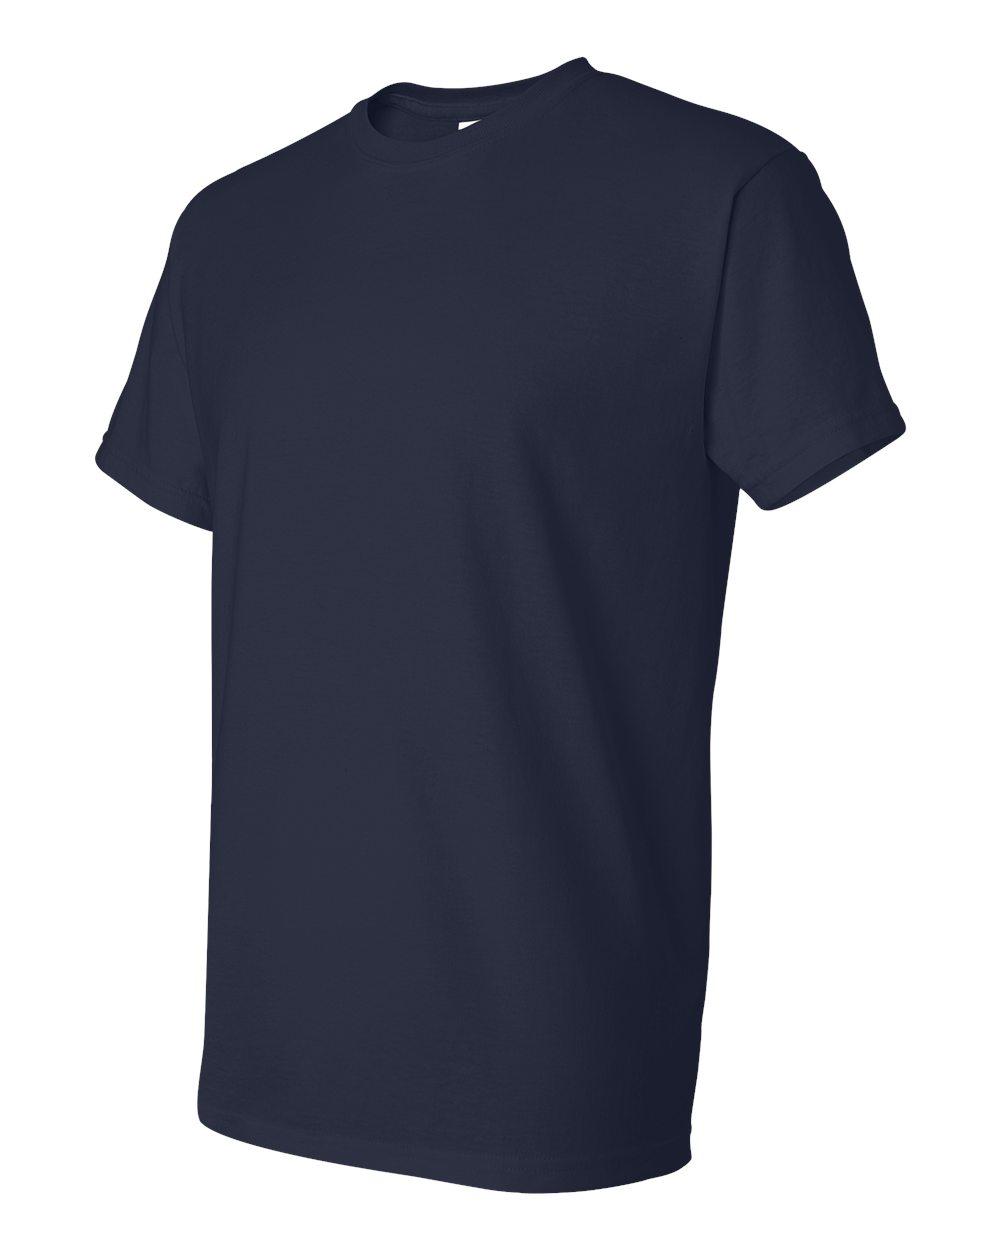 Gildan-Mens-DryBlend-5-6-oz-50-50-T-Shirt-G800-Size-S-5XL thumbnail 59